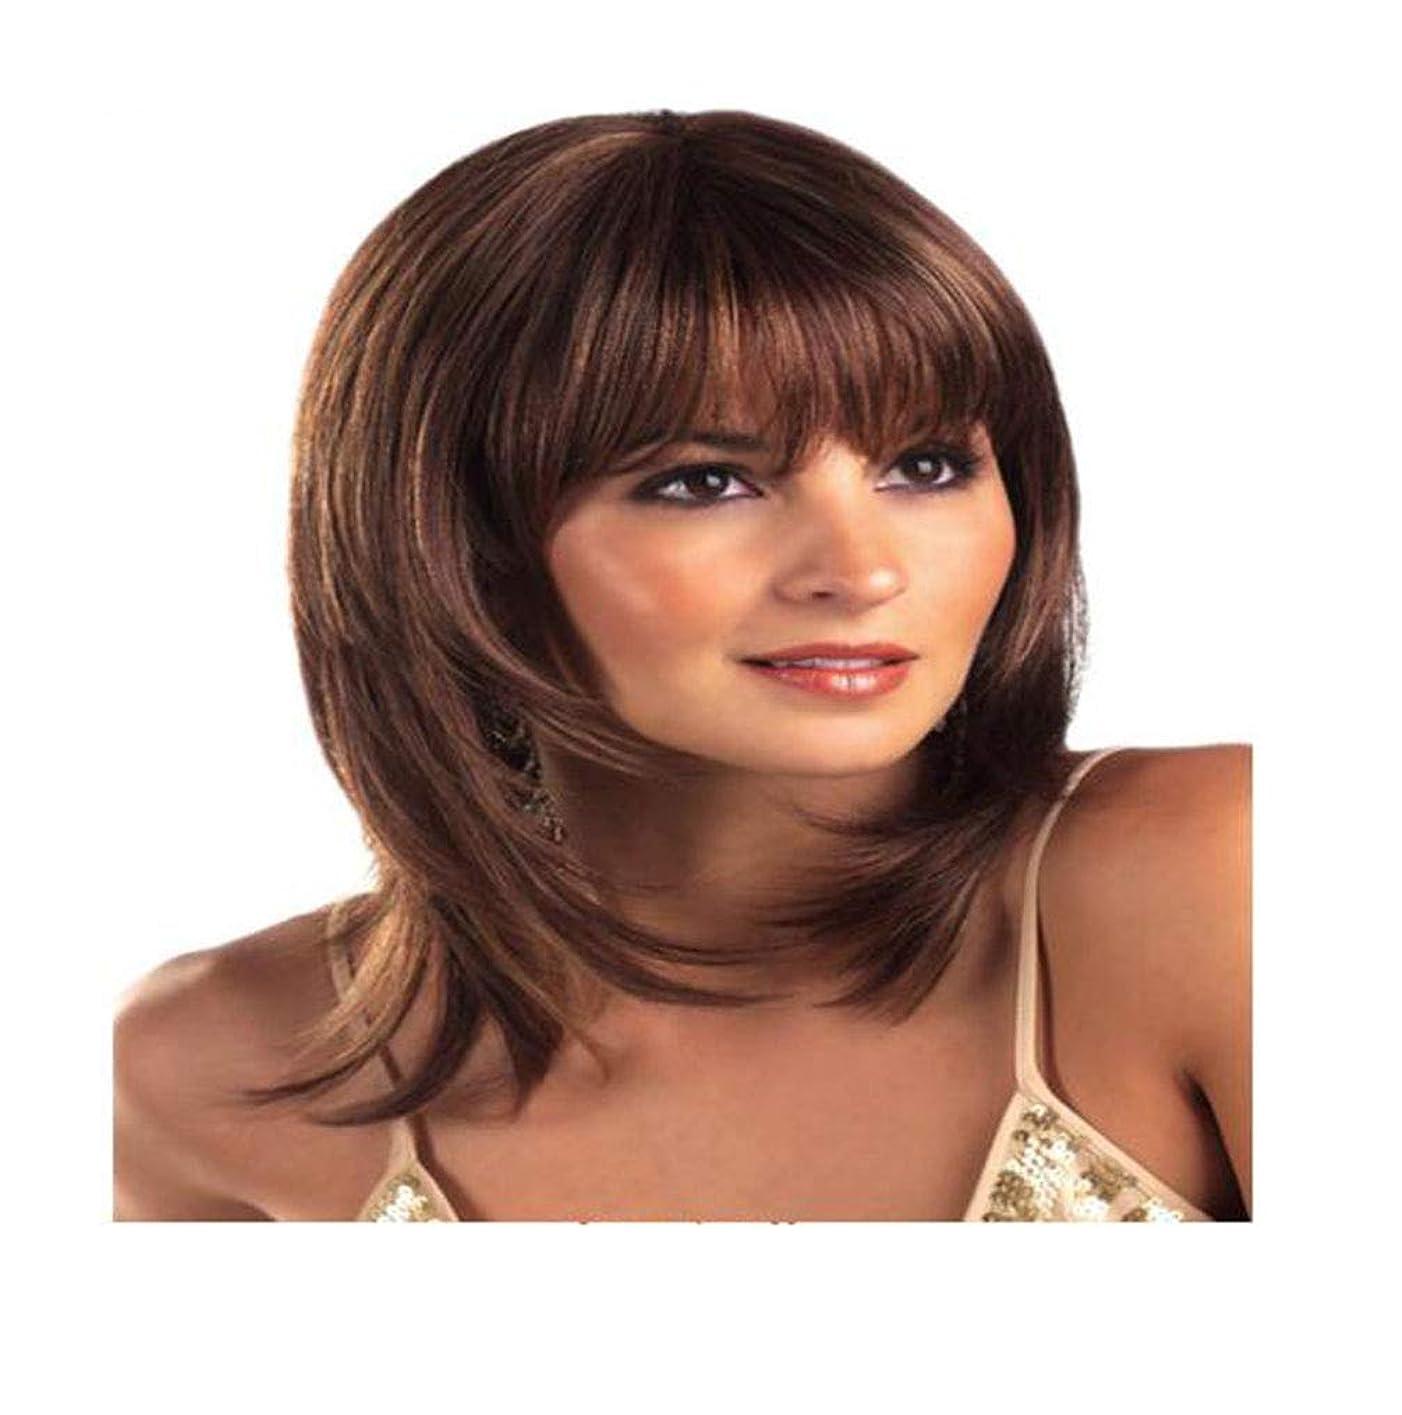 爆弾バイアスつぶやきかつらストレートブラウン耐熱かつら用レディース日常パーティー高品質人工毛と前髪